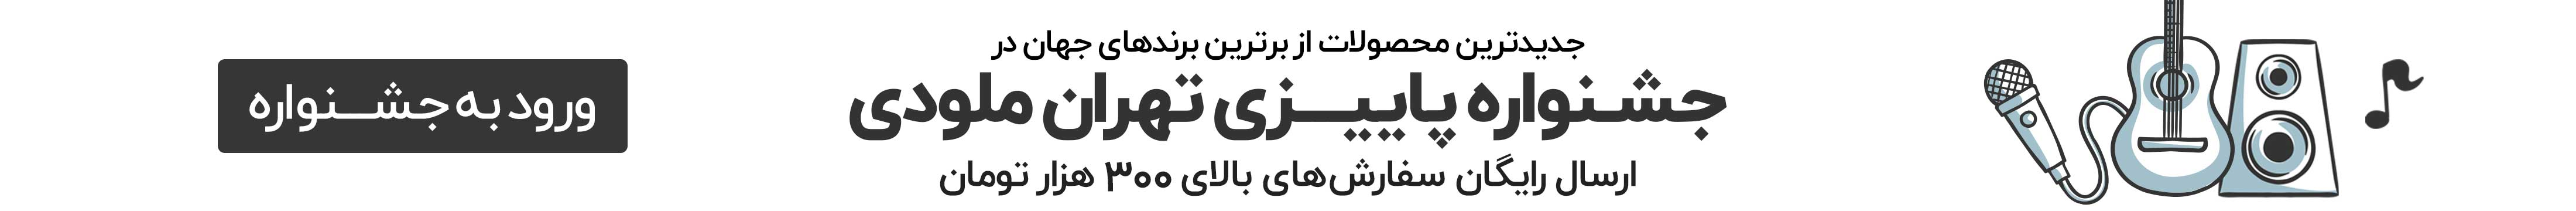 جشنواره پائیزی تهران ملودی